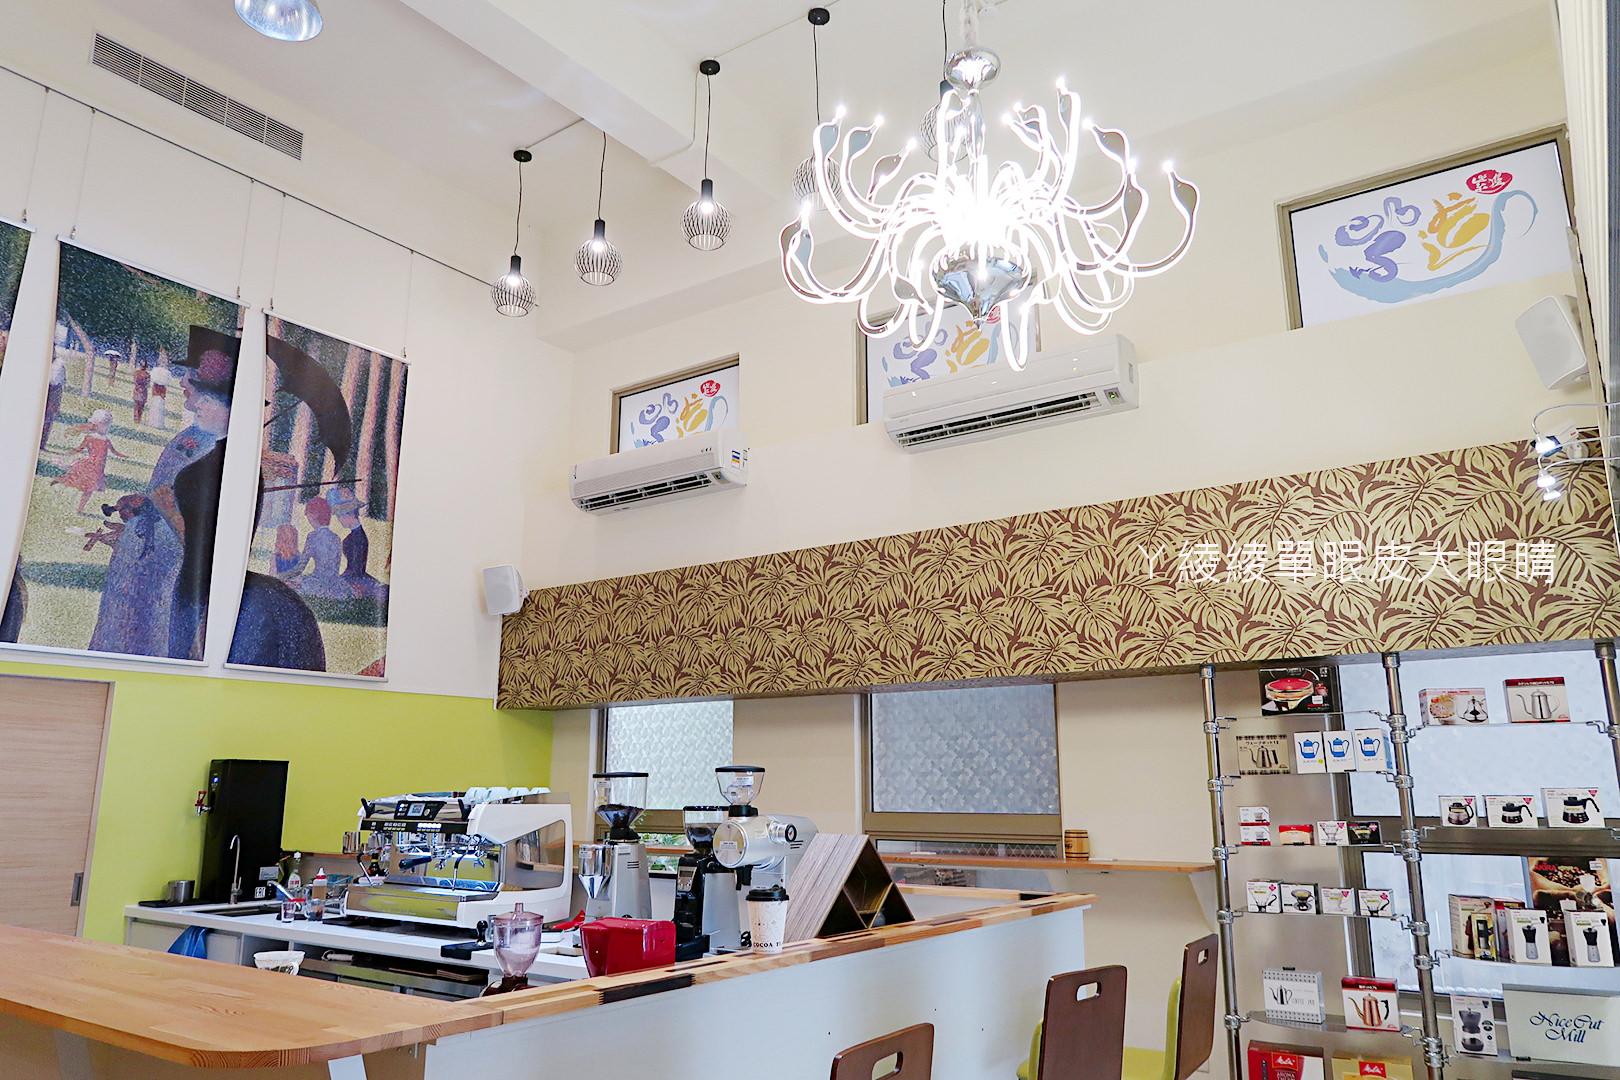 新竹咖啡!巨城附近有浮誇系宮廷咖啡店,紫進咖啡